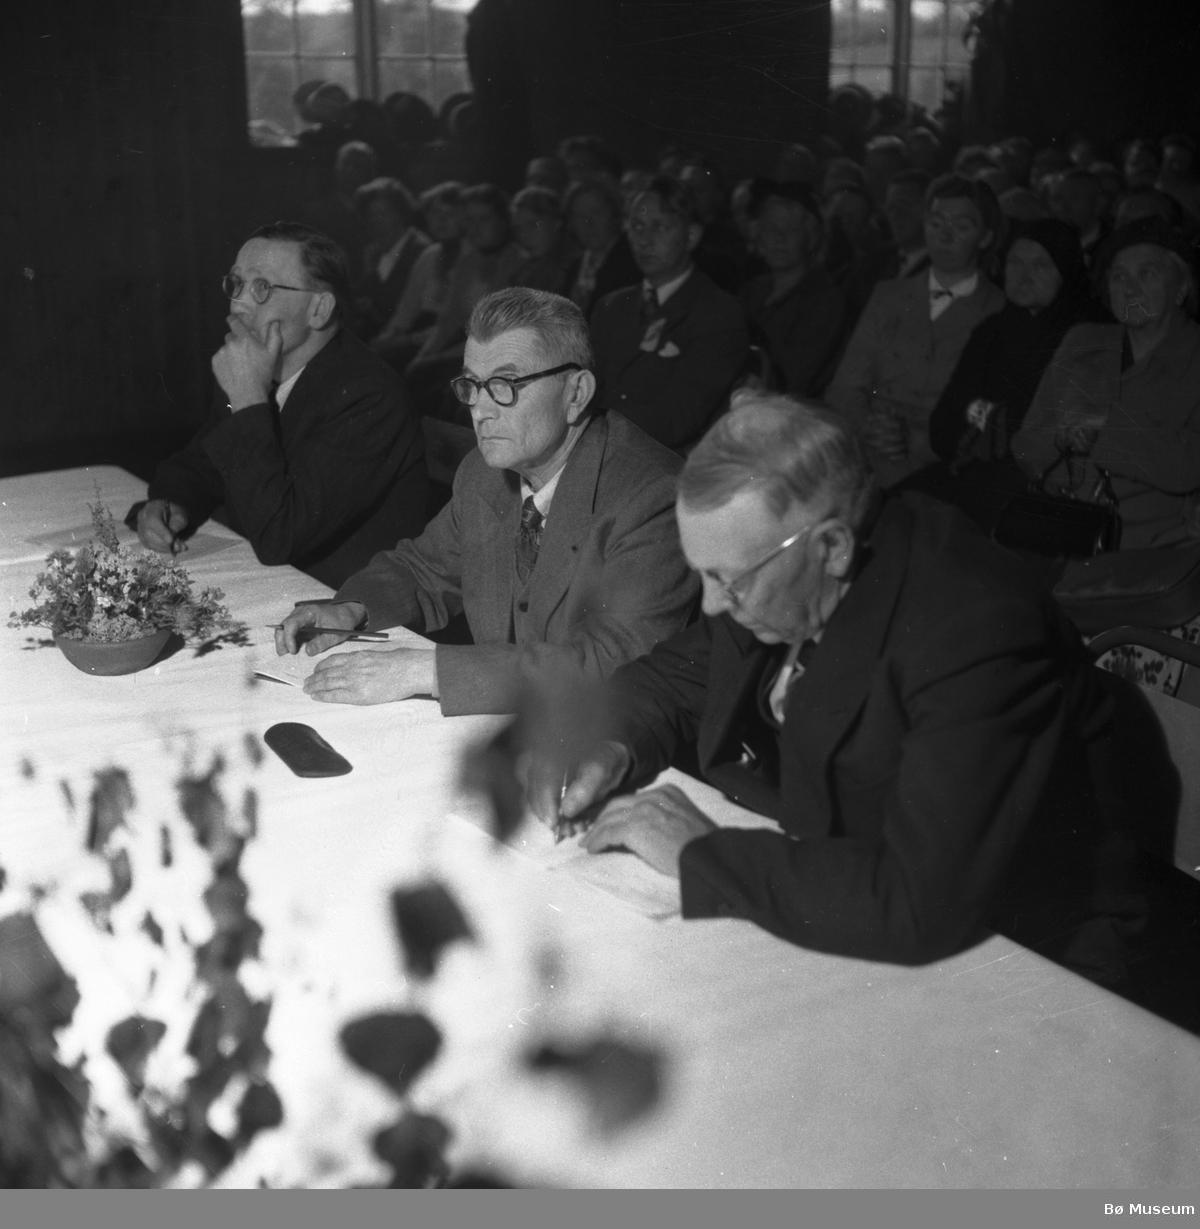 Dommarar (ukjente) frå ein kappleik i Bø i 1954 (foto: varden)